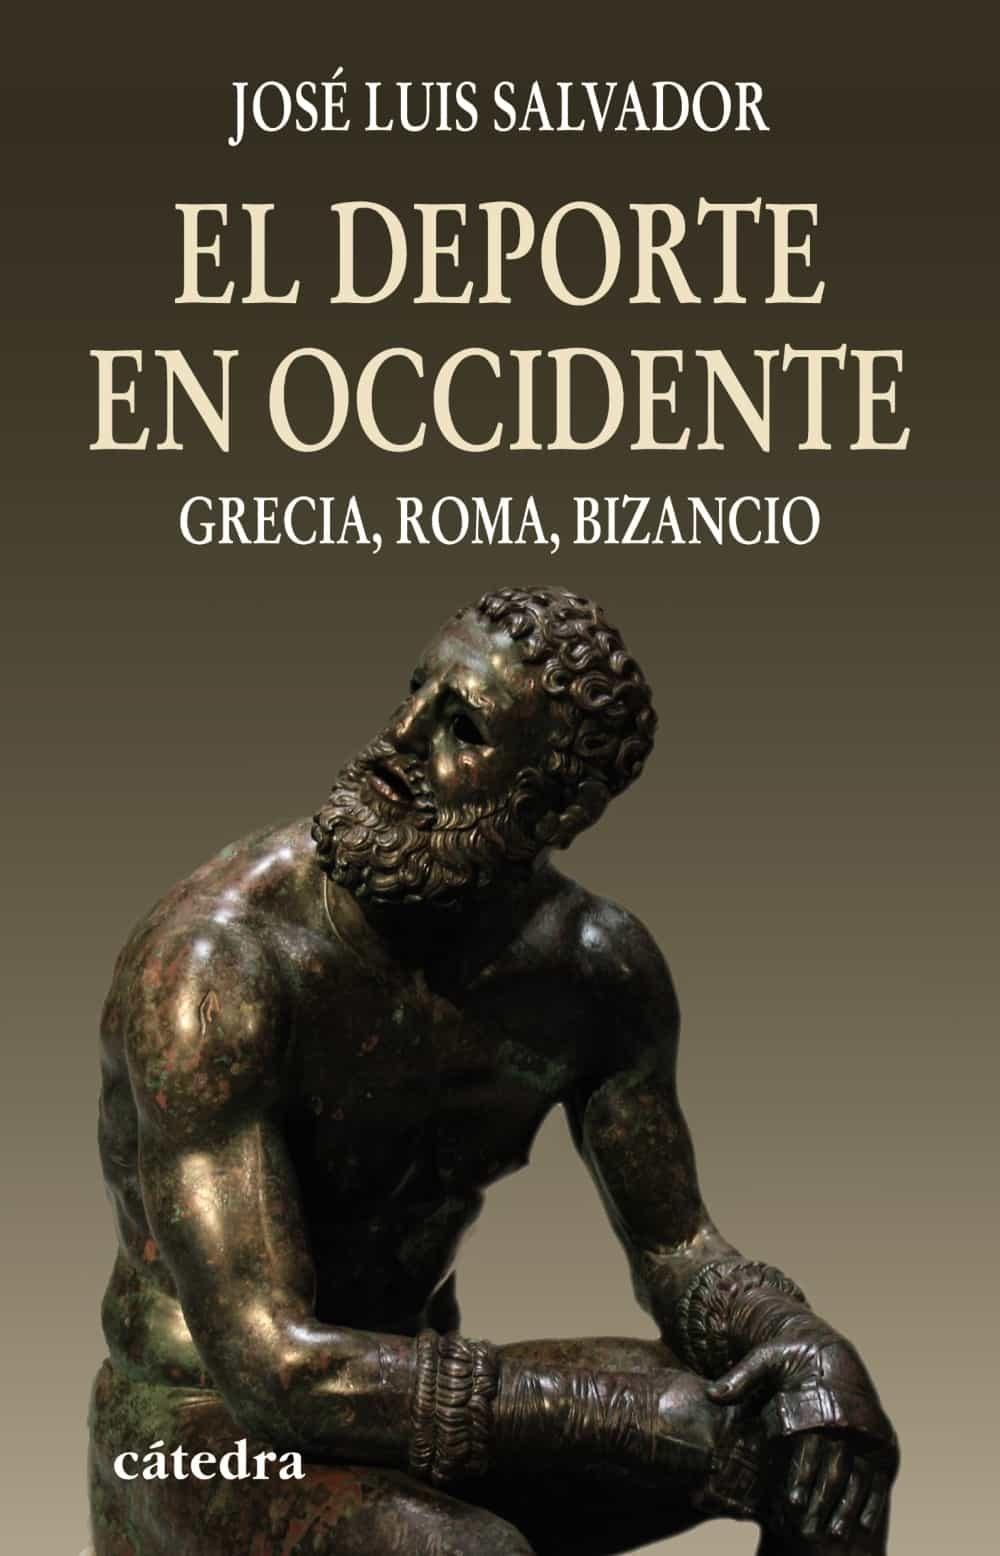 El Deporte En Occidente: Grecia Roma Bizancio - Salvador Jose Luis